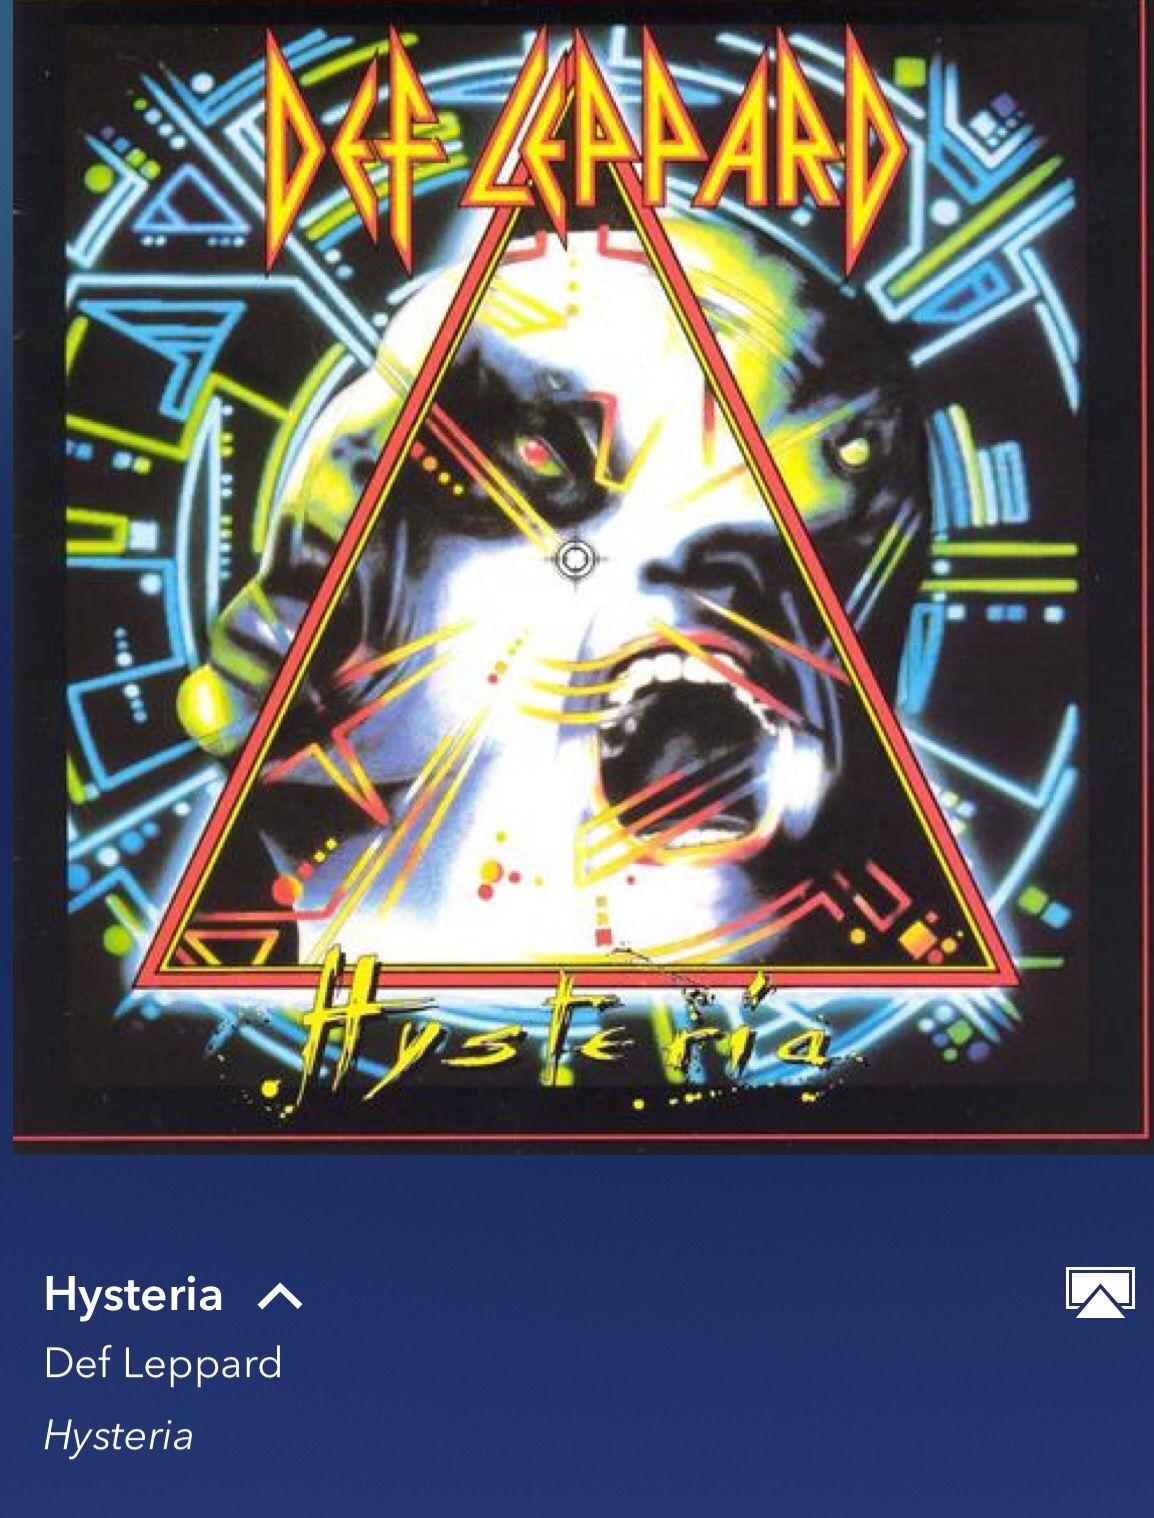 Hysteria Def Leppard Def Leppard Hysteria Def Leppard Def Leppard Songs